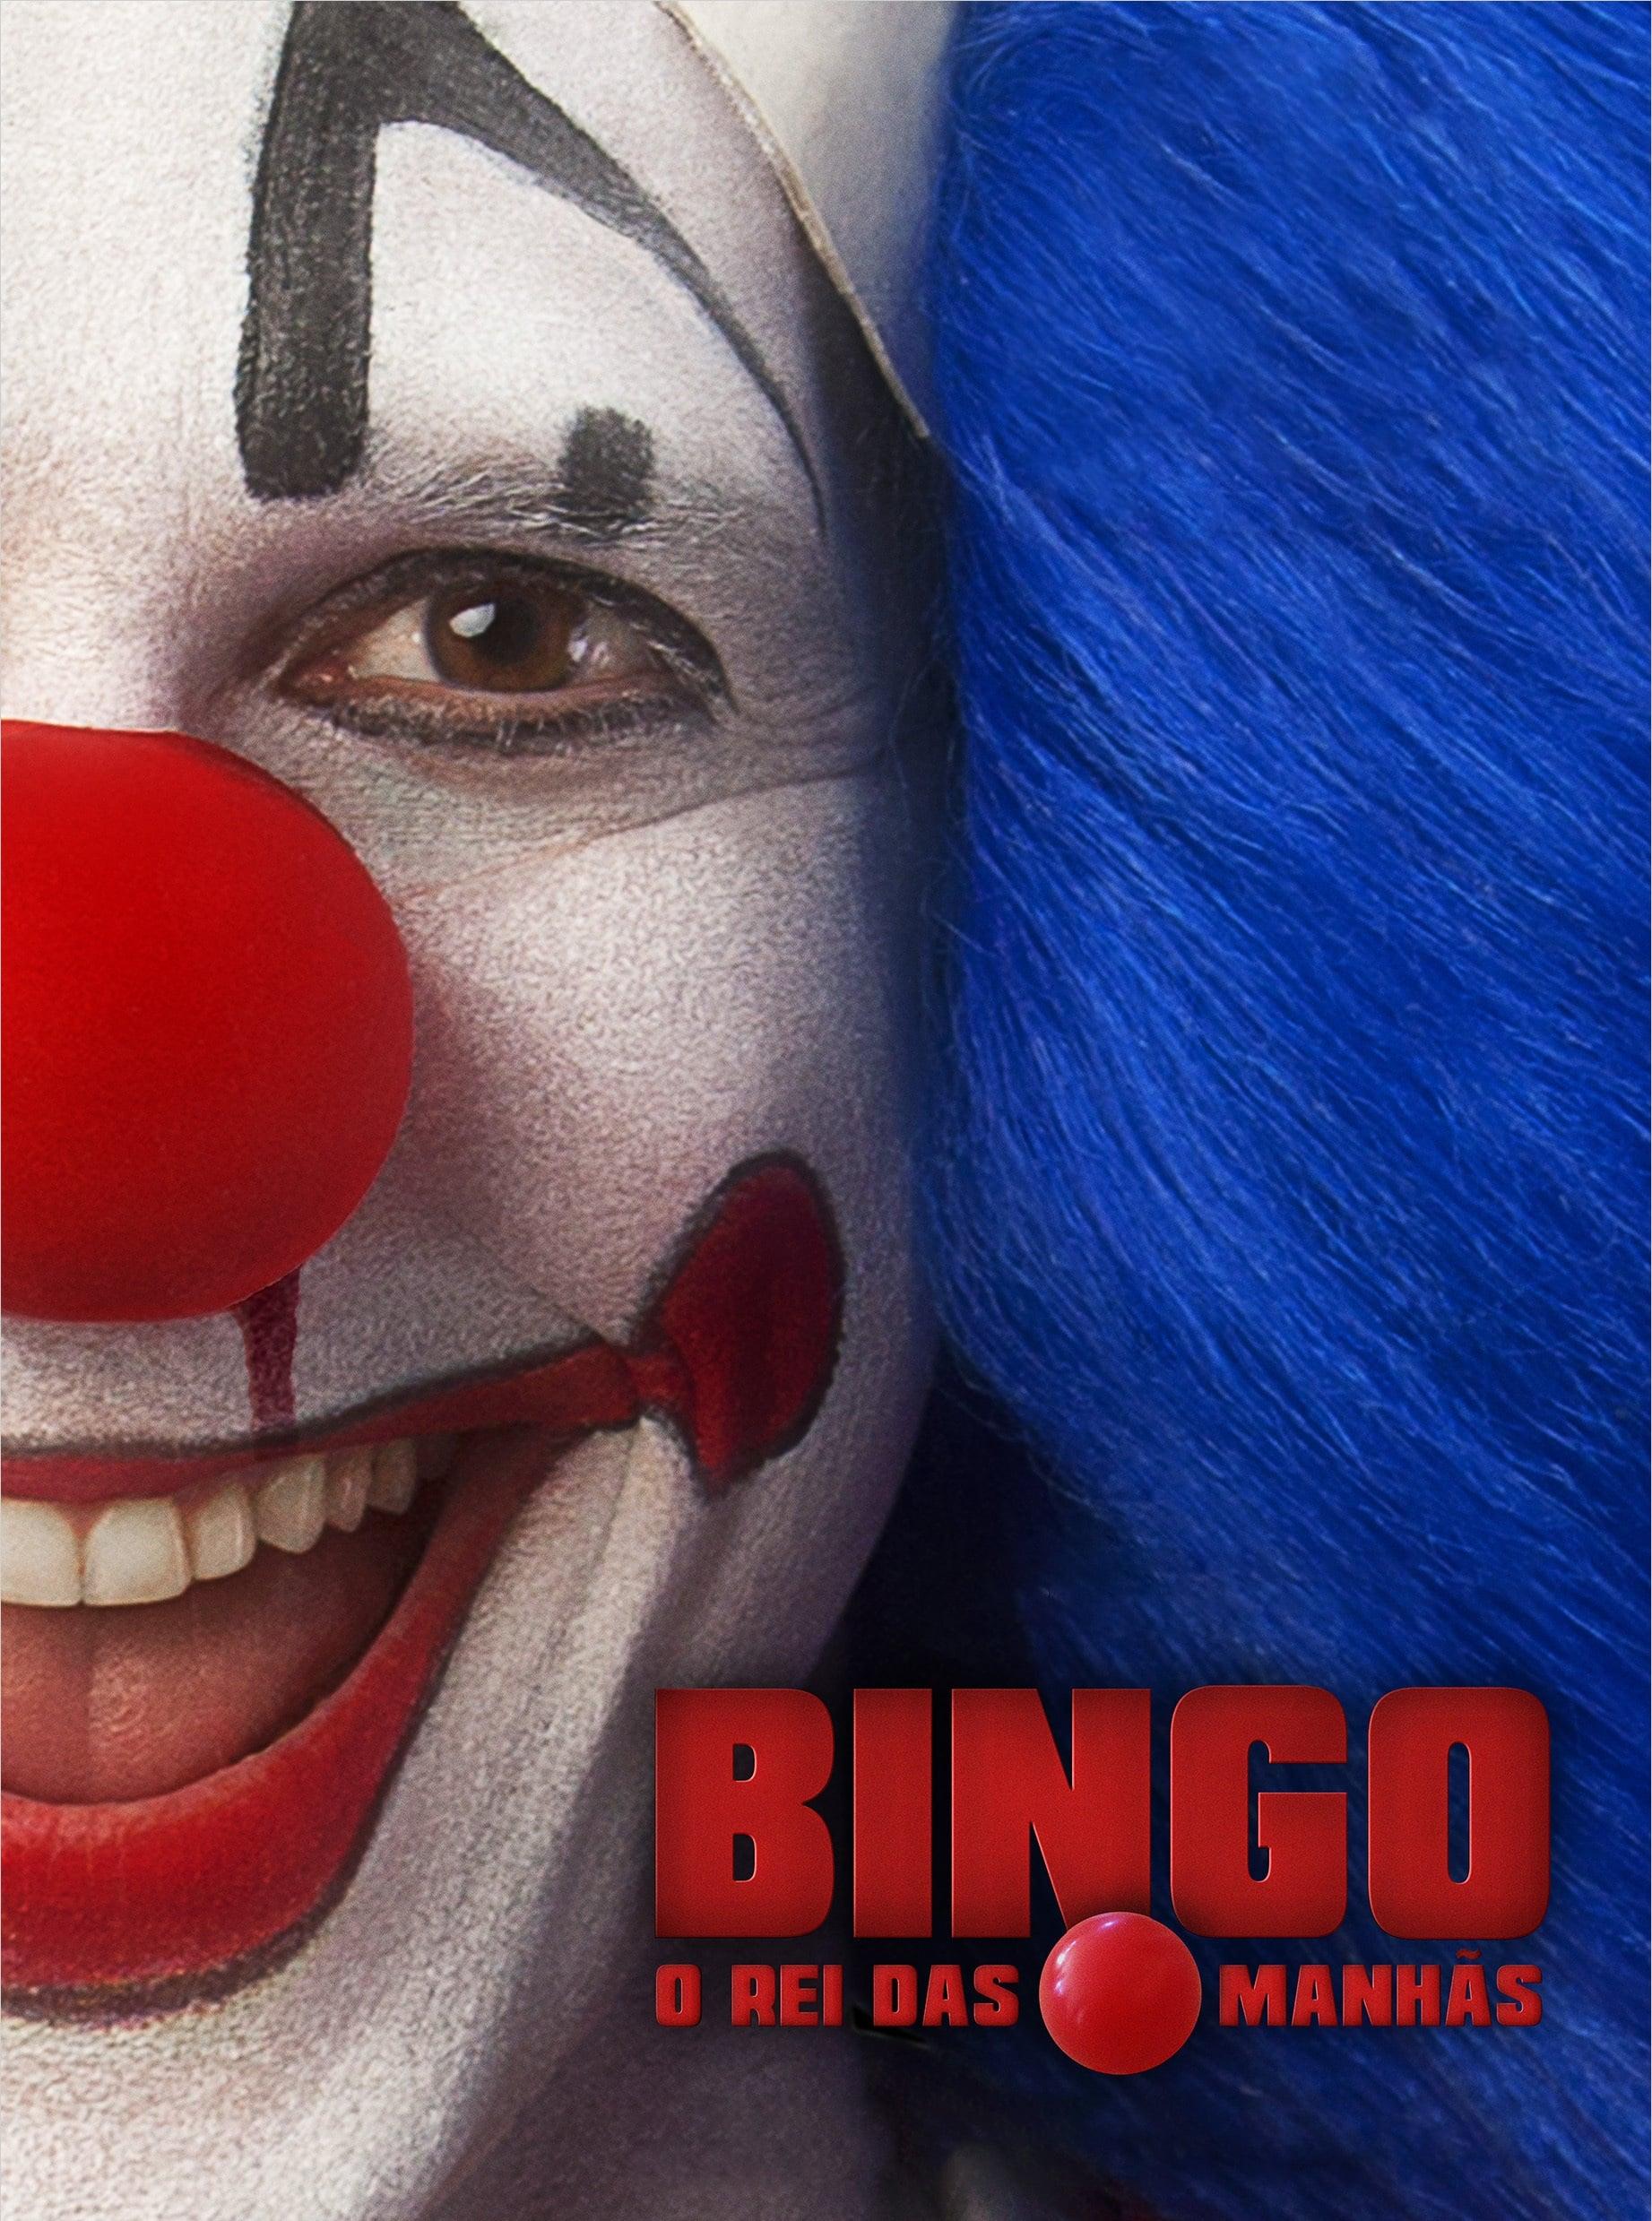 Assistir Bingo - O Rei das Manhãs Dublado Online Dublado 1080p